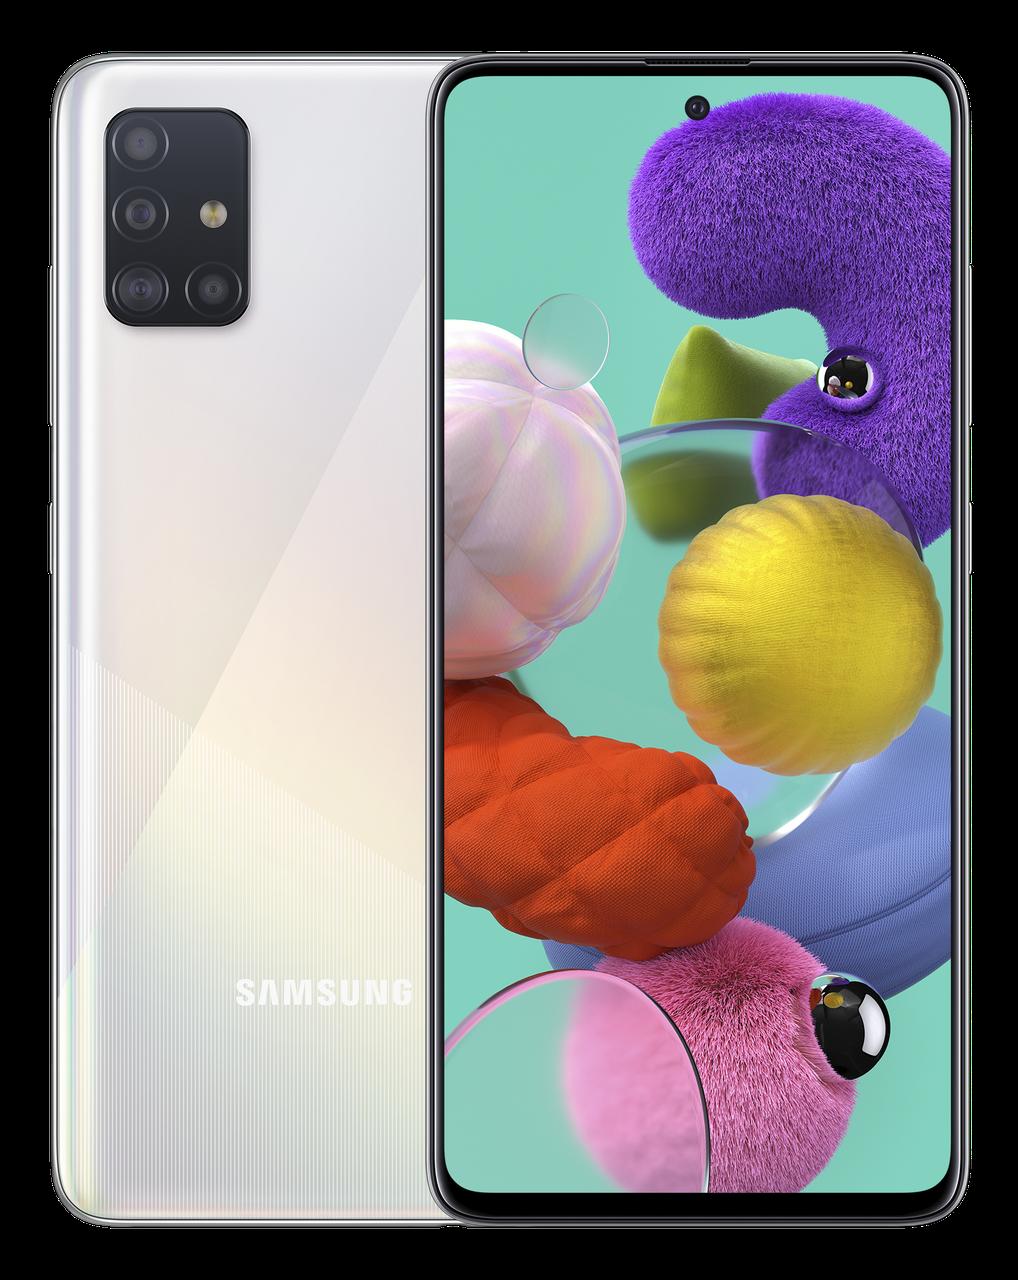 Смартфон Samsung Galaxy A51 2020 6/128Gb White (SM-A515FZWWSEK) UA